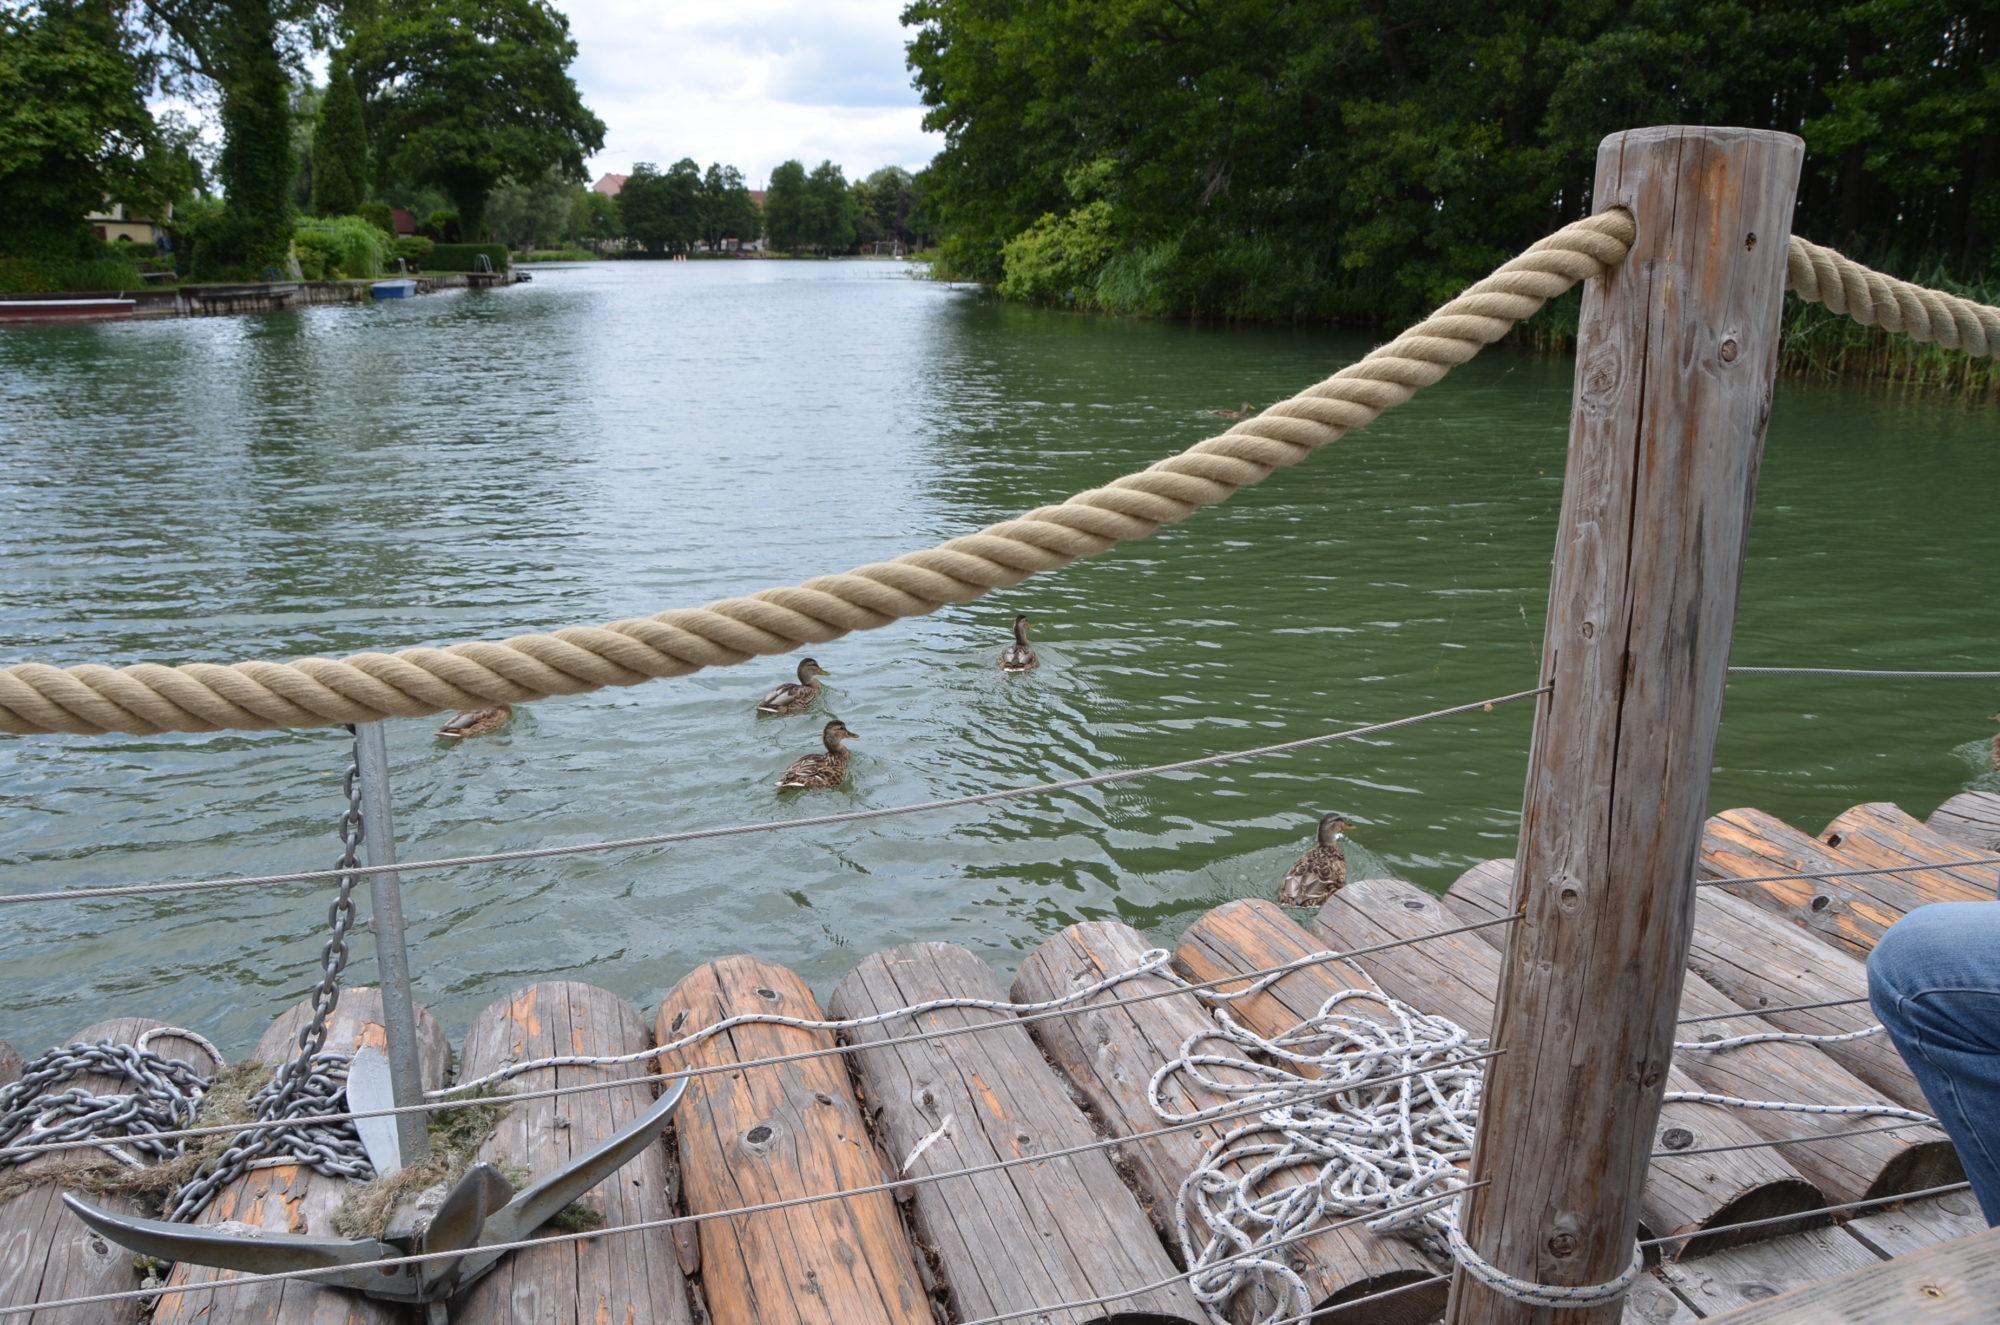 Eine Gruppe Enten schwimmt direkt vor dem Floß her.